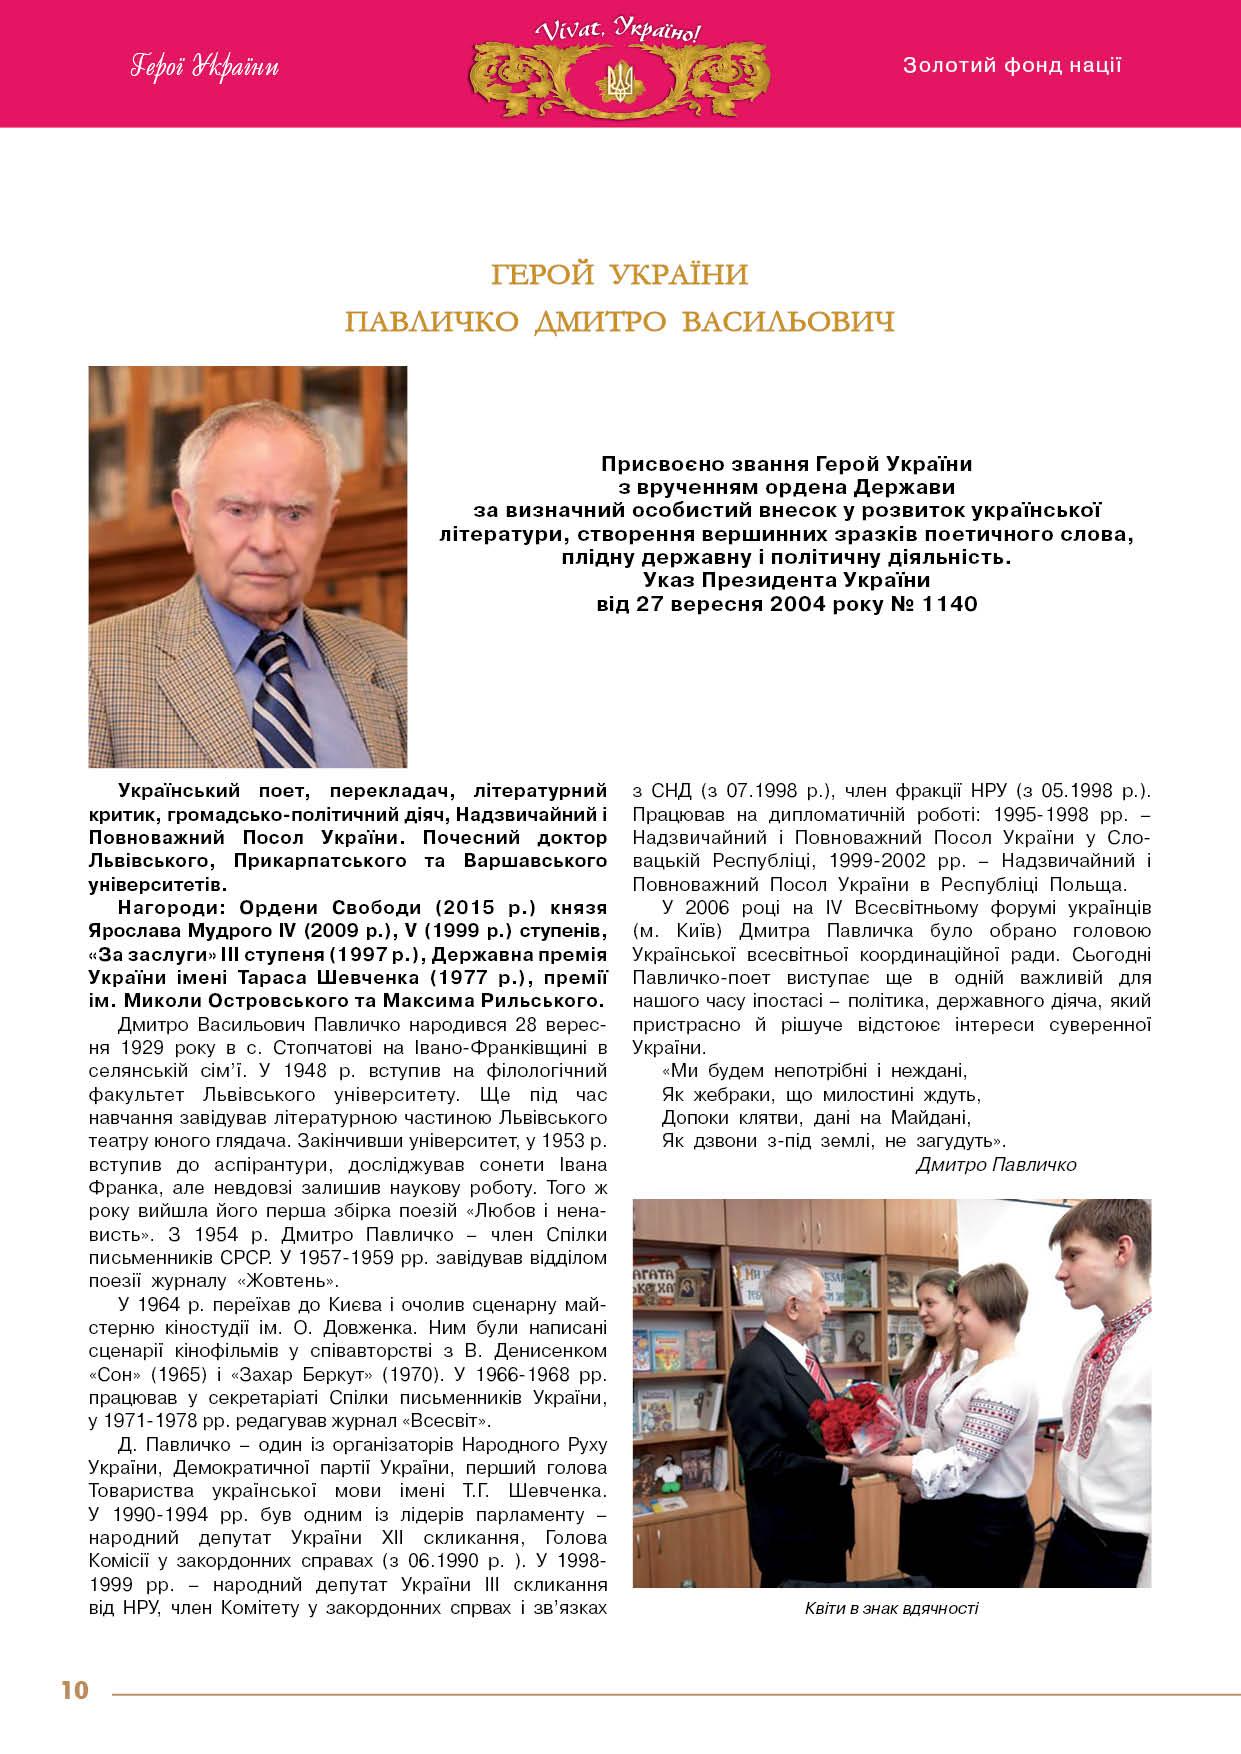 Павличко Дмитро Васильович